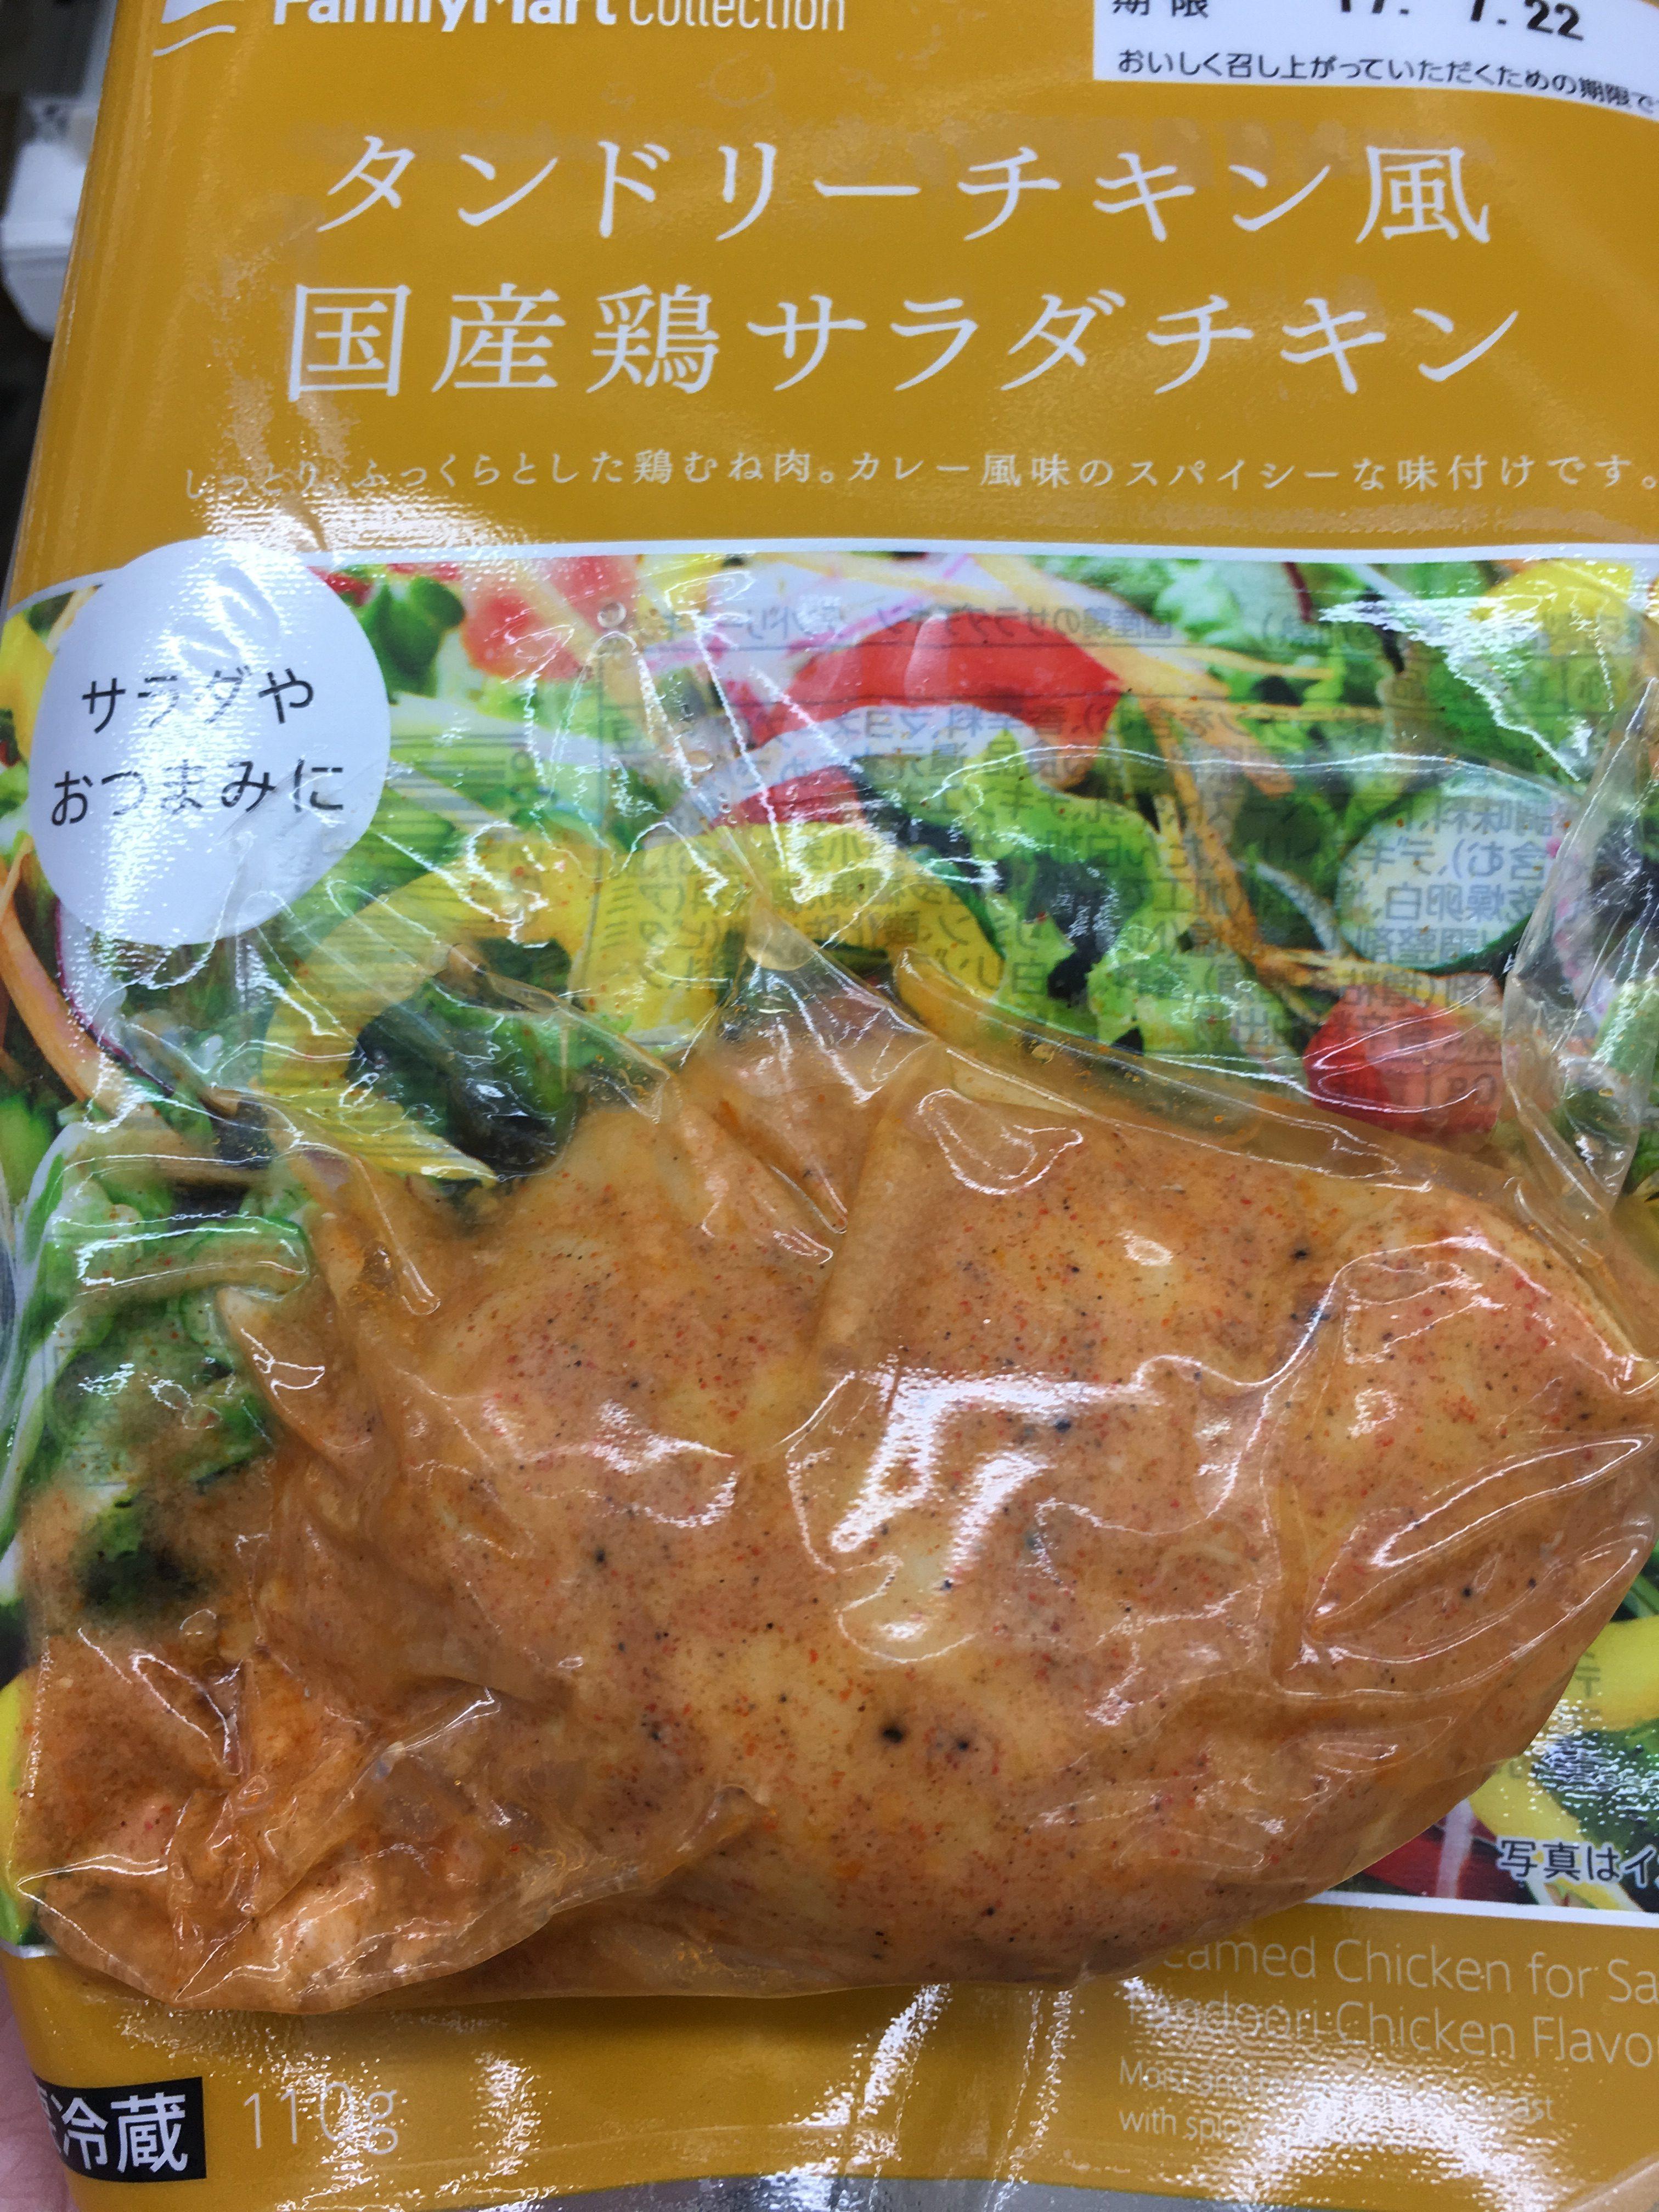 ファミリーマートのサラダチキンの成分表 ダイエットに一番向いているのは何味?